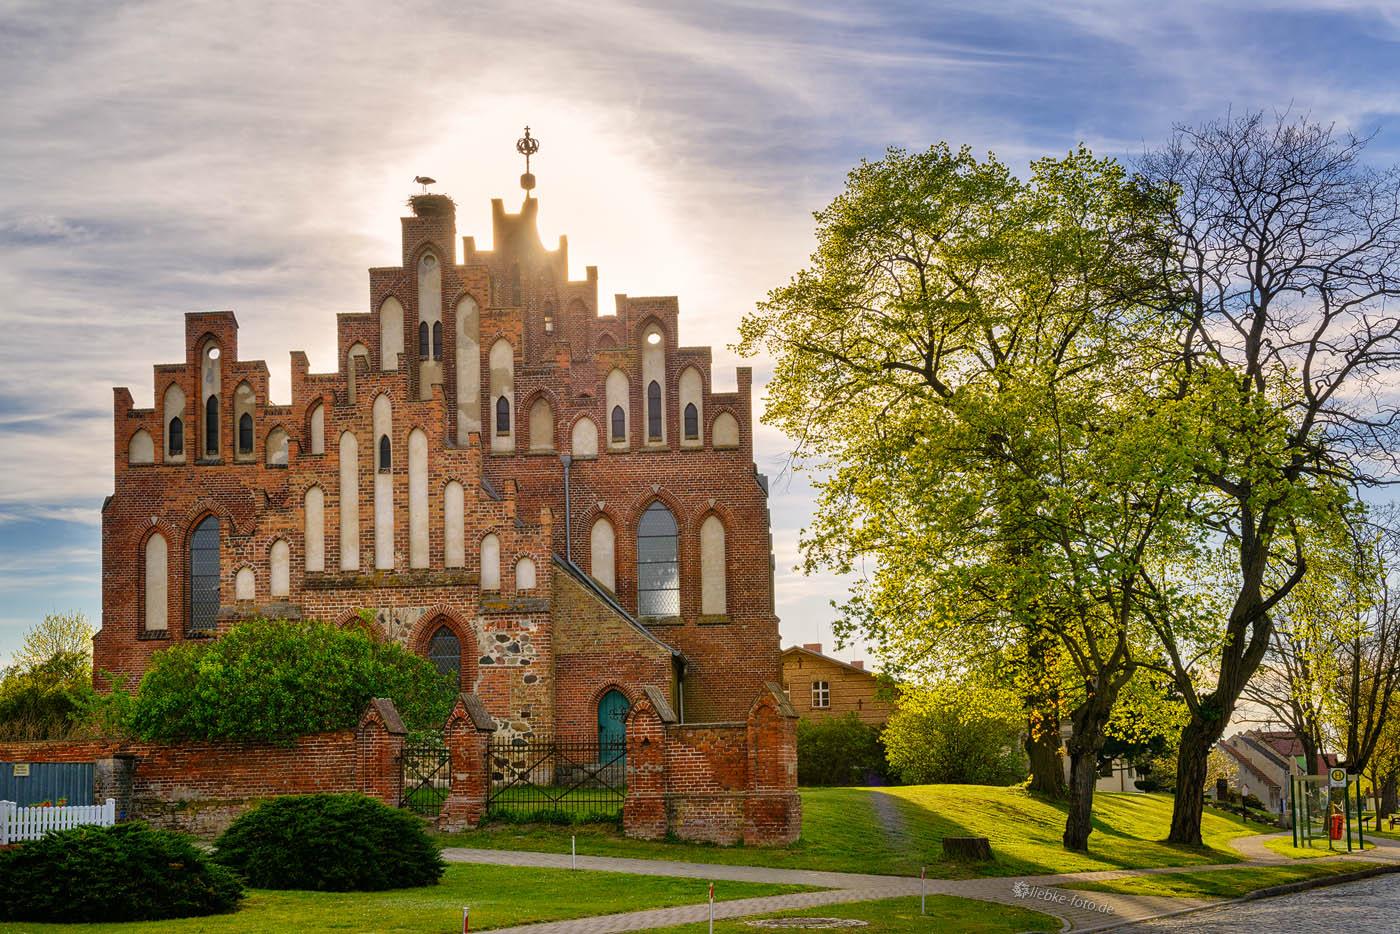 Die Kirche, Wahrzeichen von Linum, unter anderem Sitz der Störche